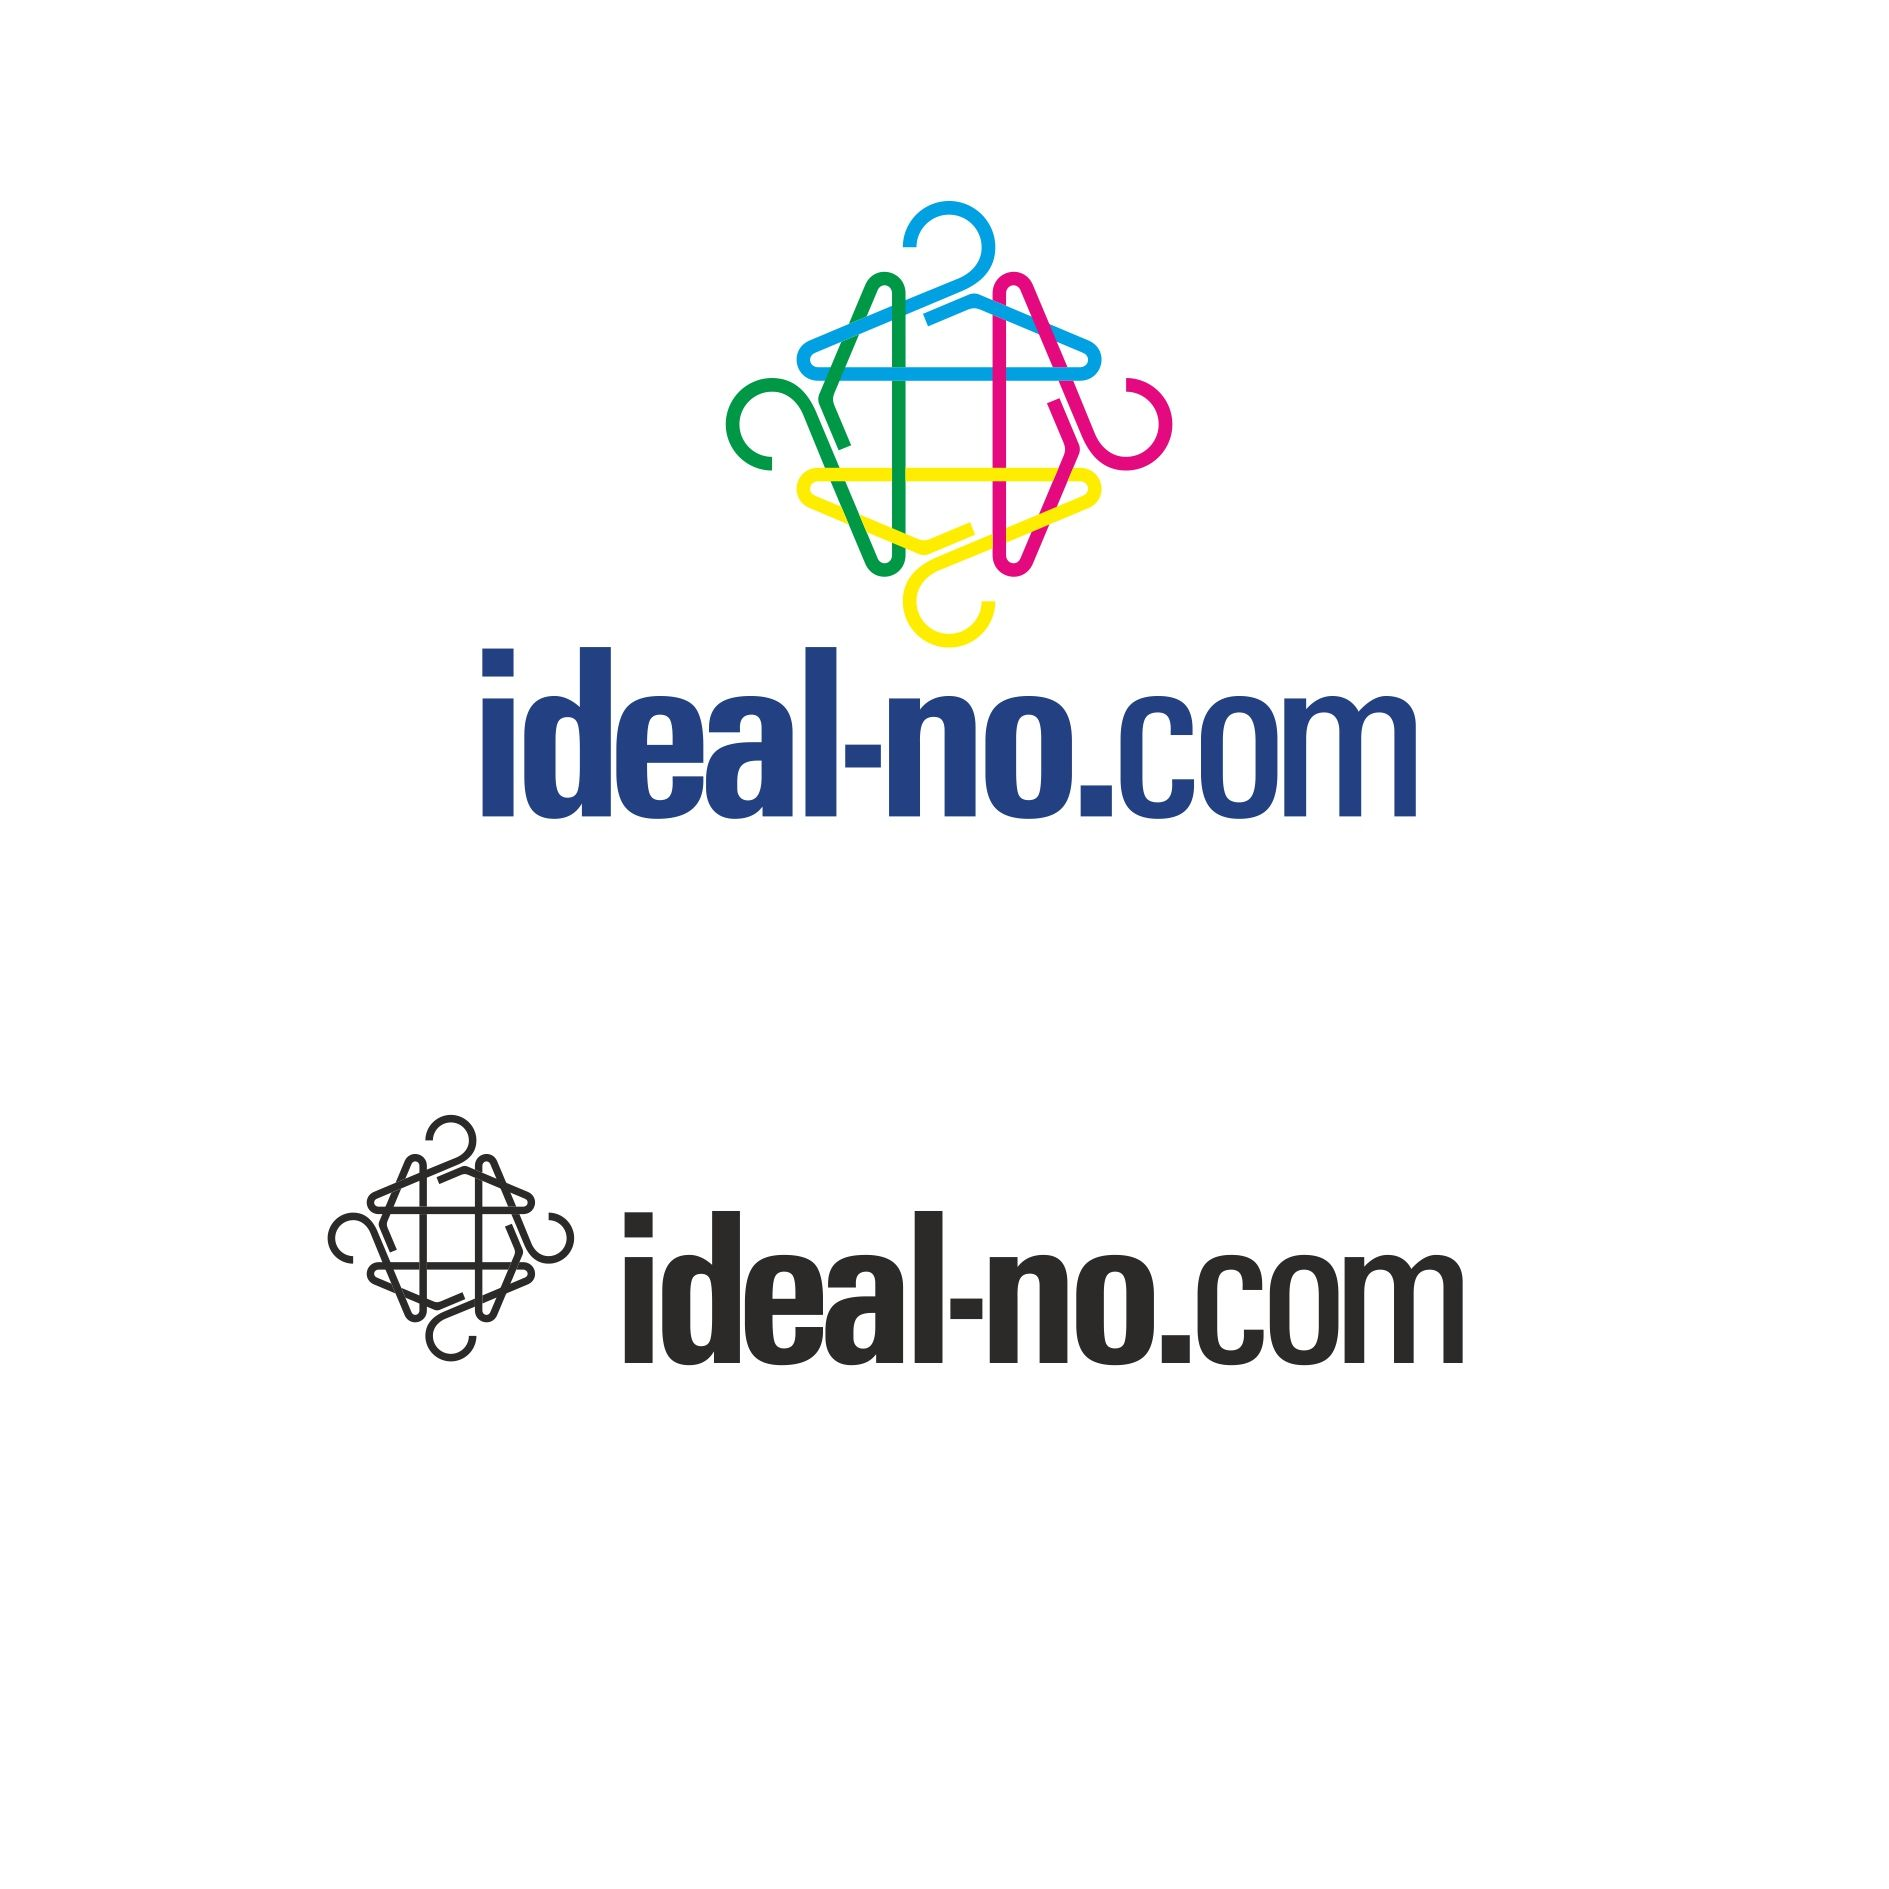 Логотип ideal-no.com - дизайнер AlexSh1978